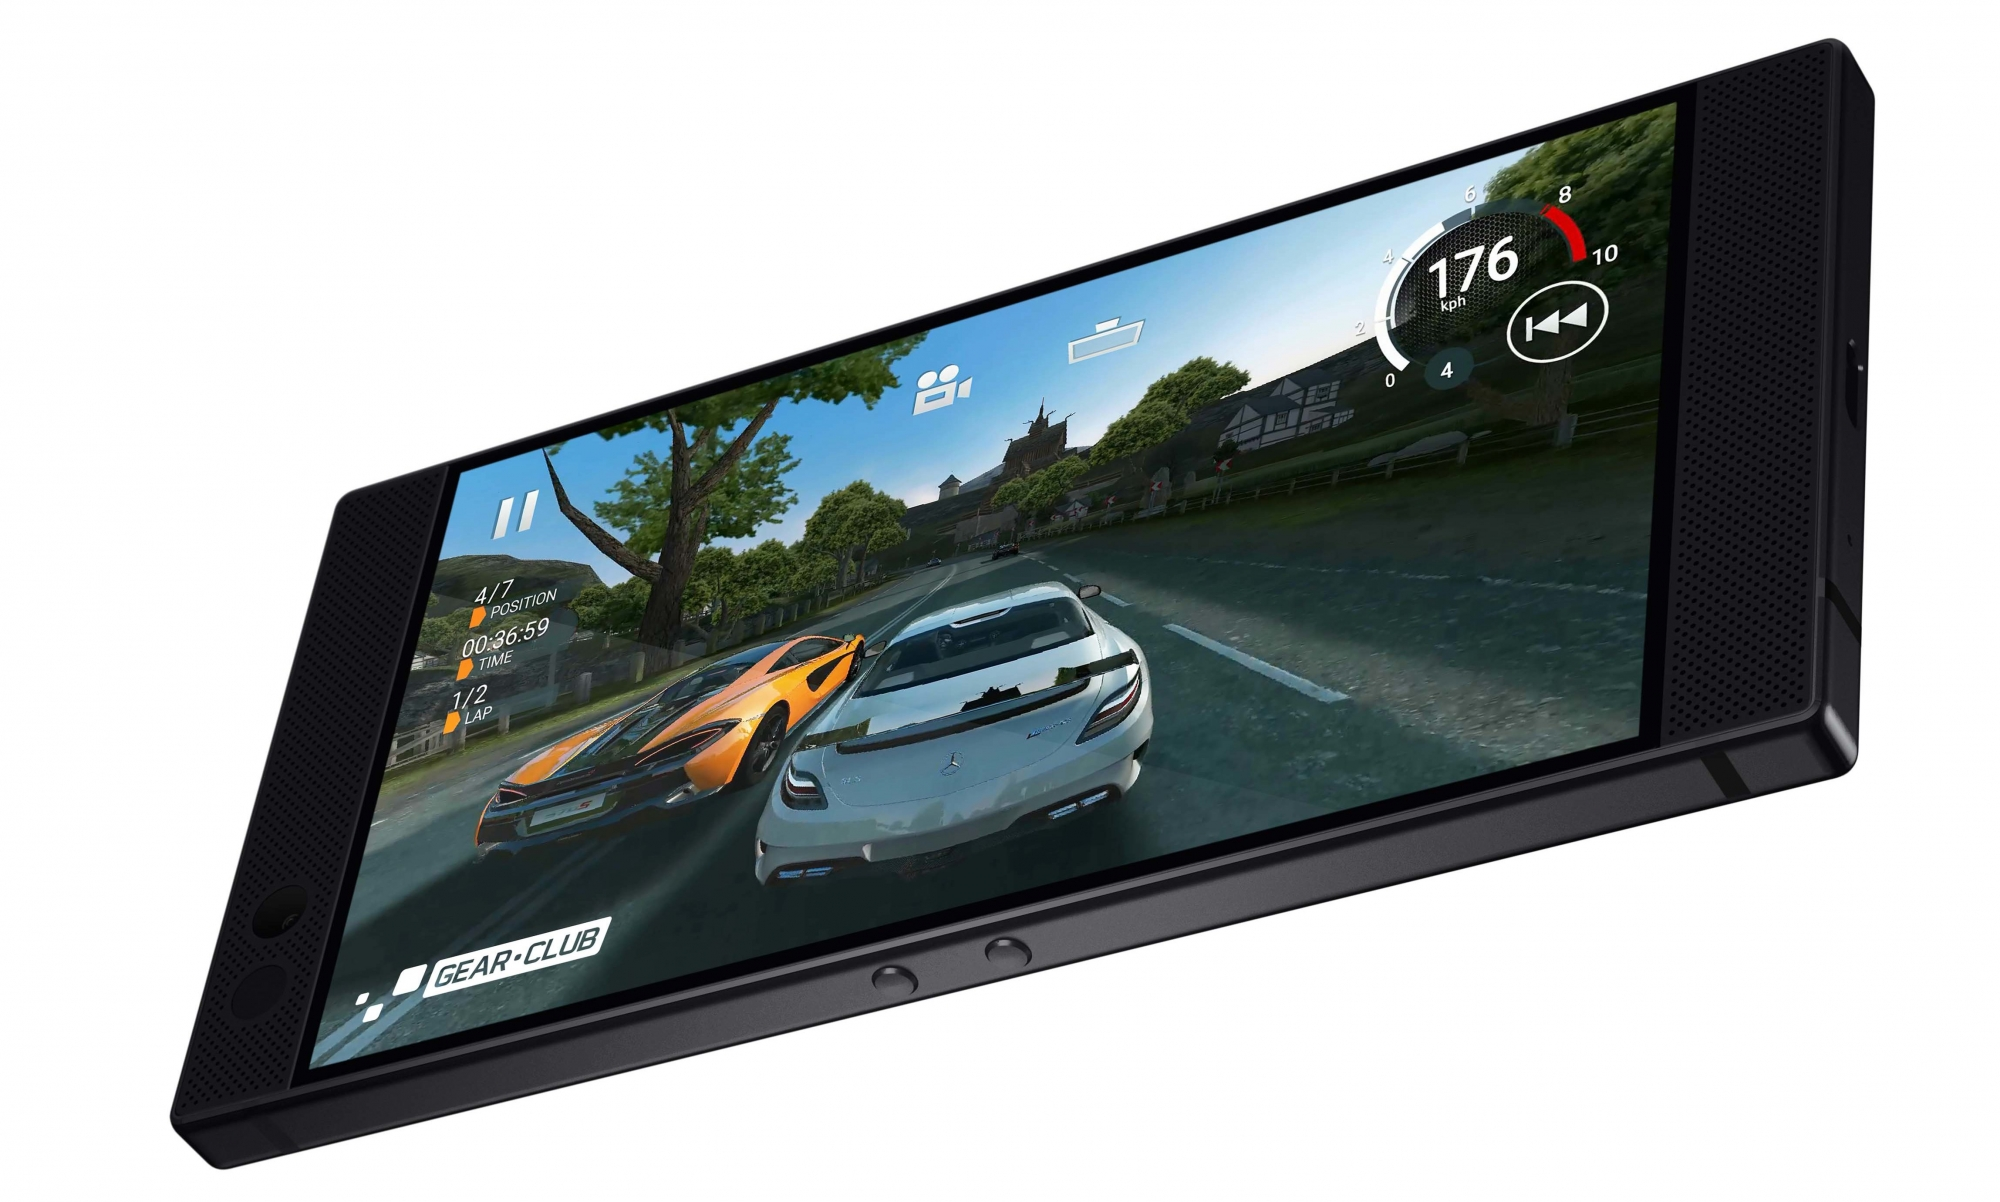 Razer-Phone-Games-Gear-Club-e1509645221982